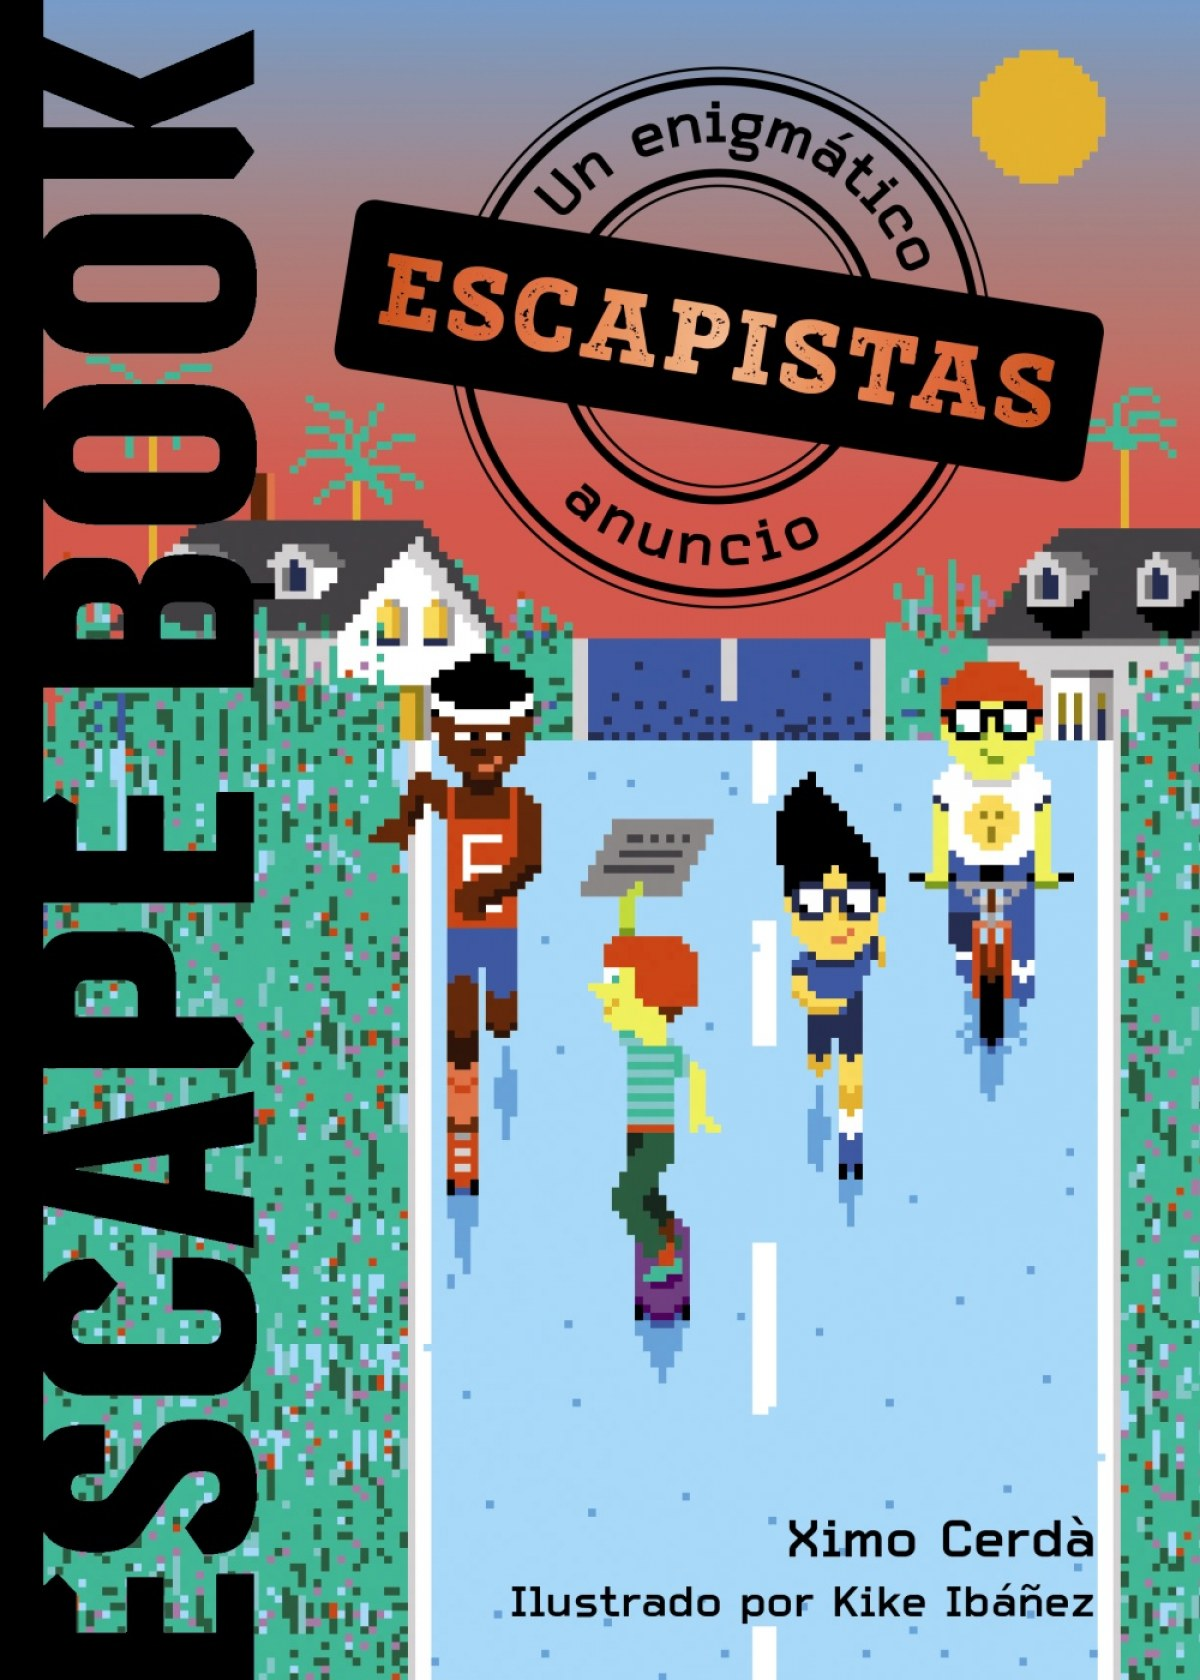 Escapistas: Un enigmático anuncio